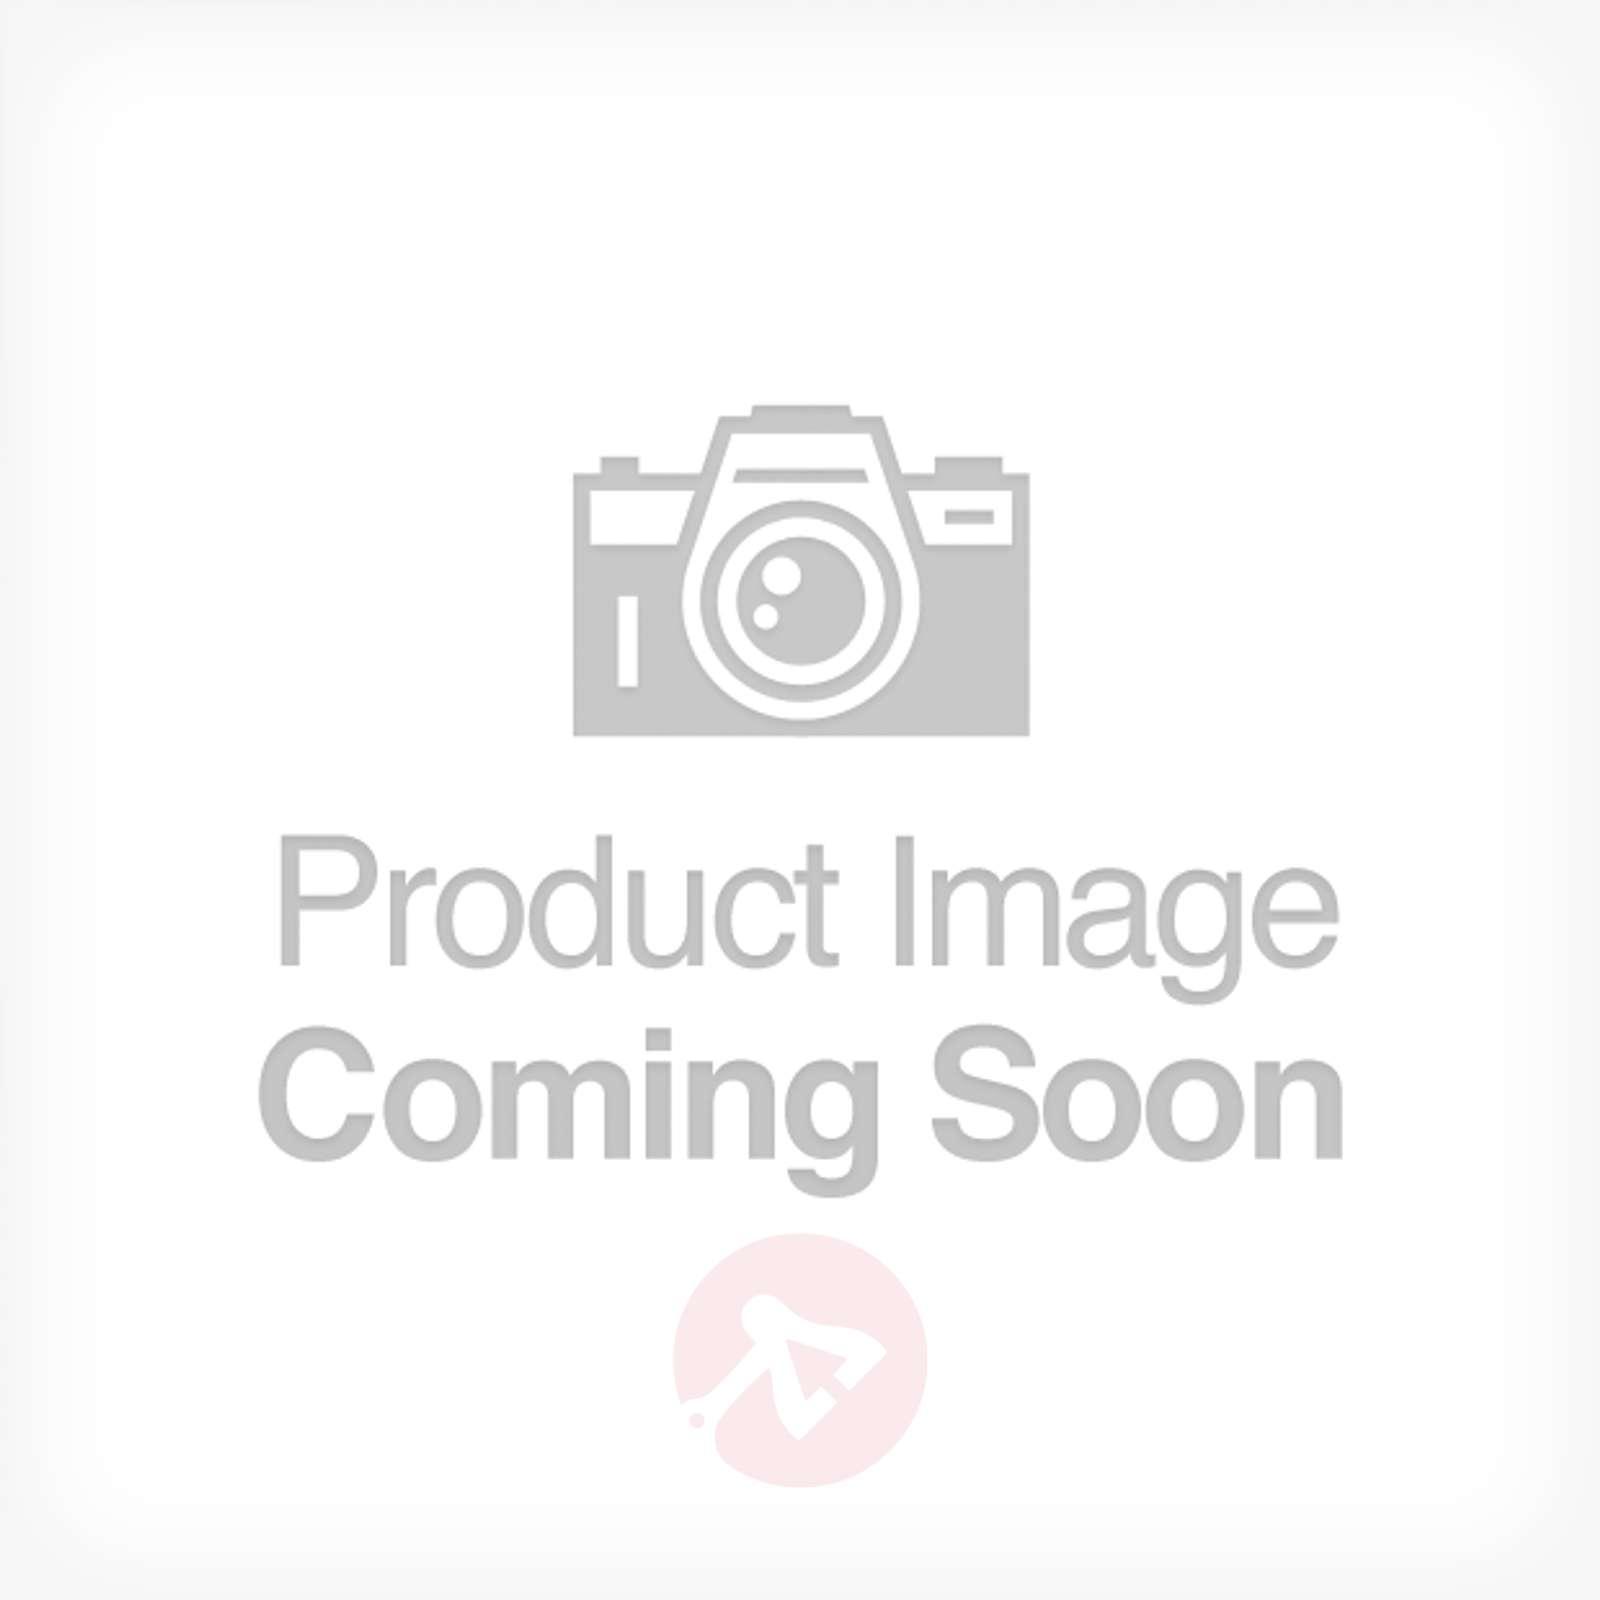 Brembo Built-In Ceiling Light Elegant-1020095X-01